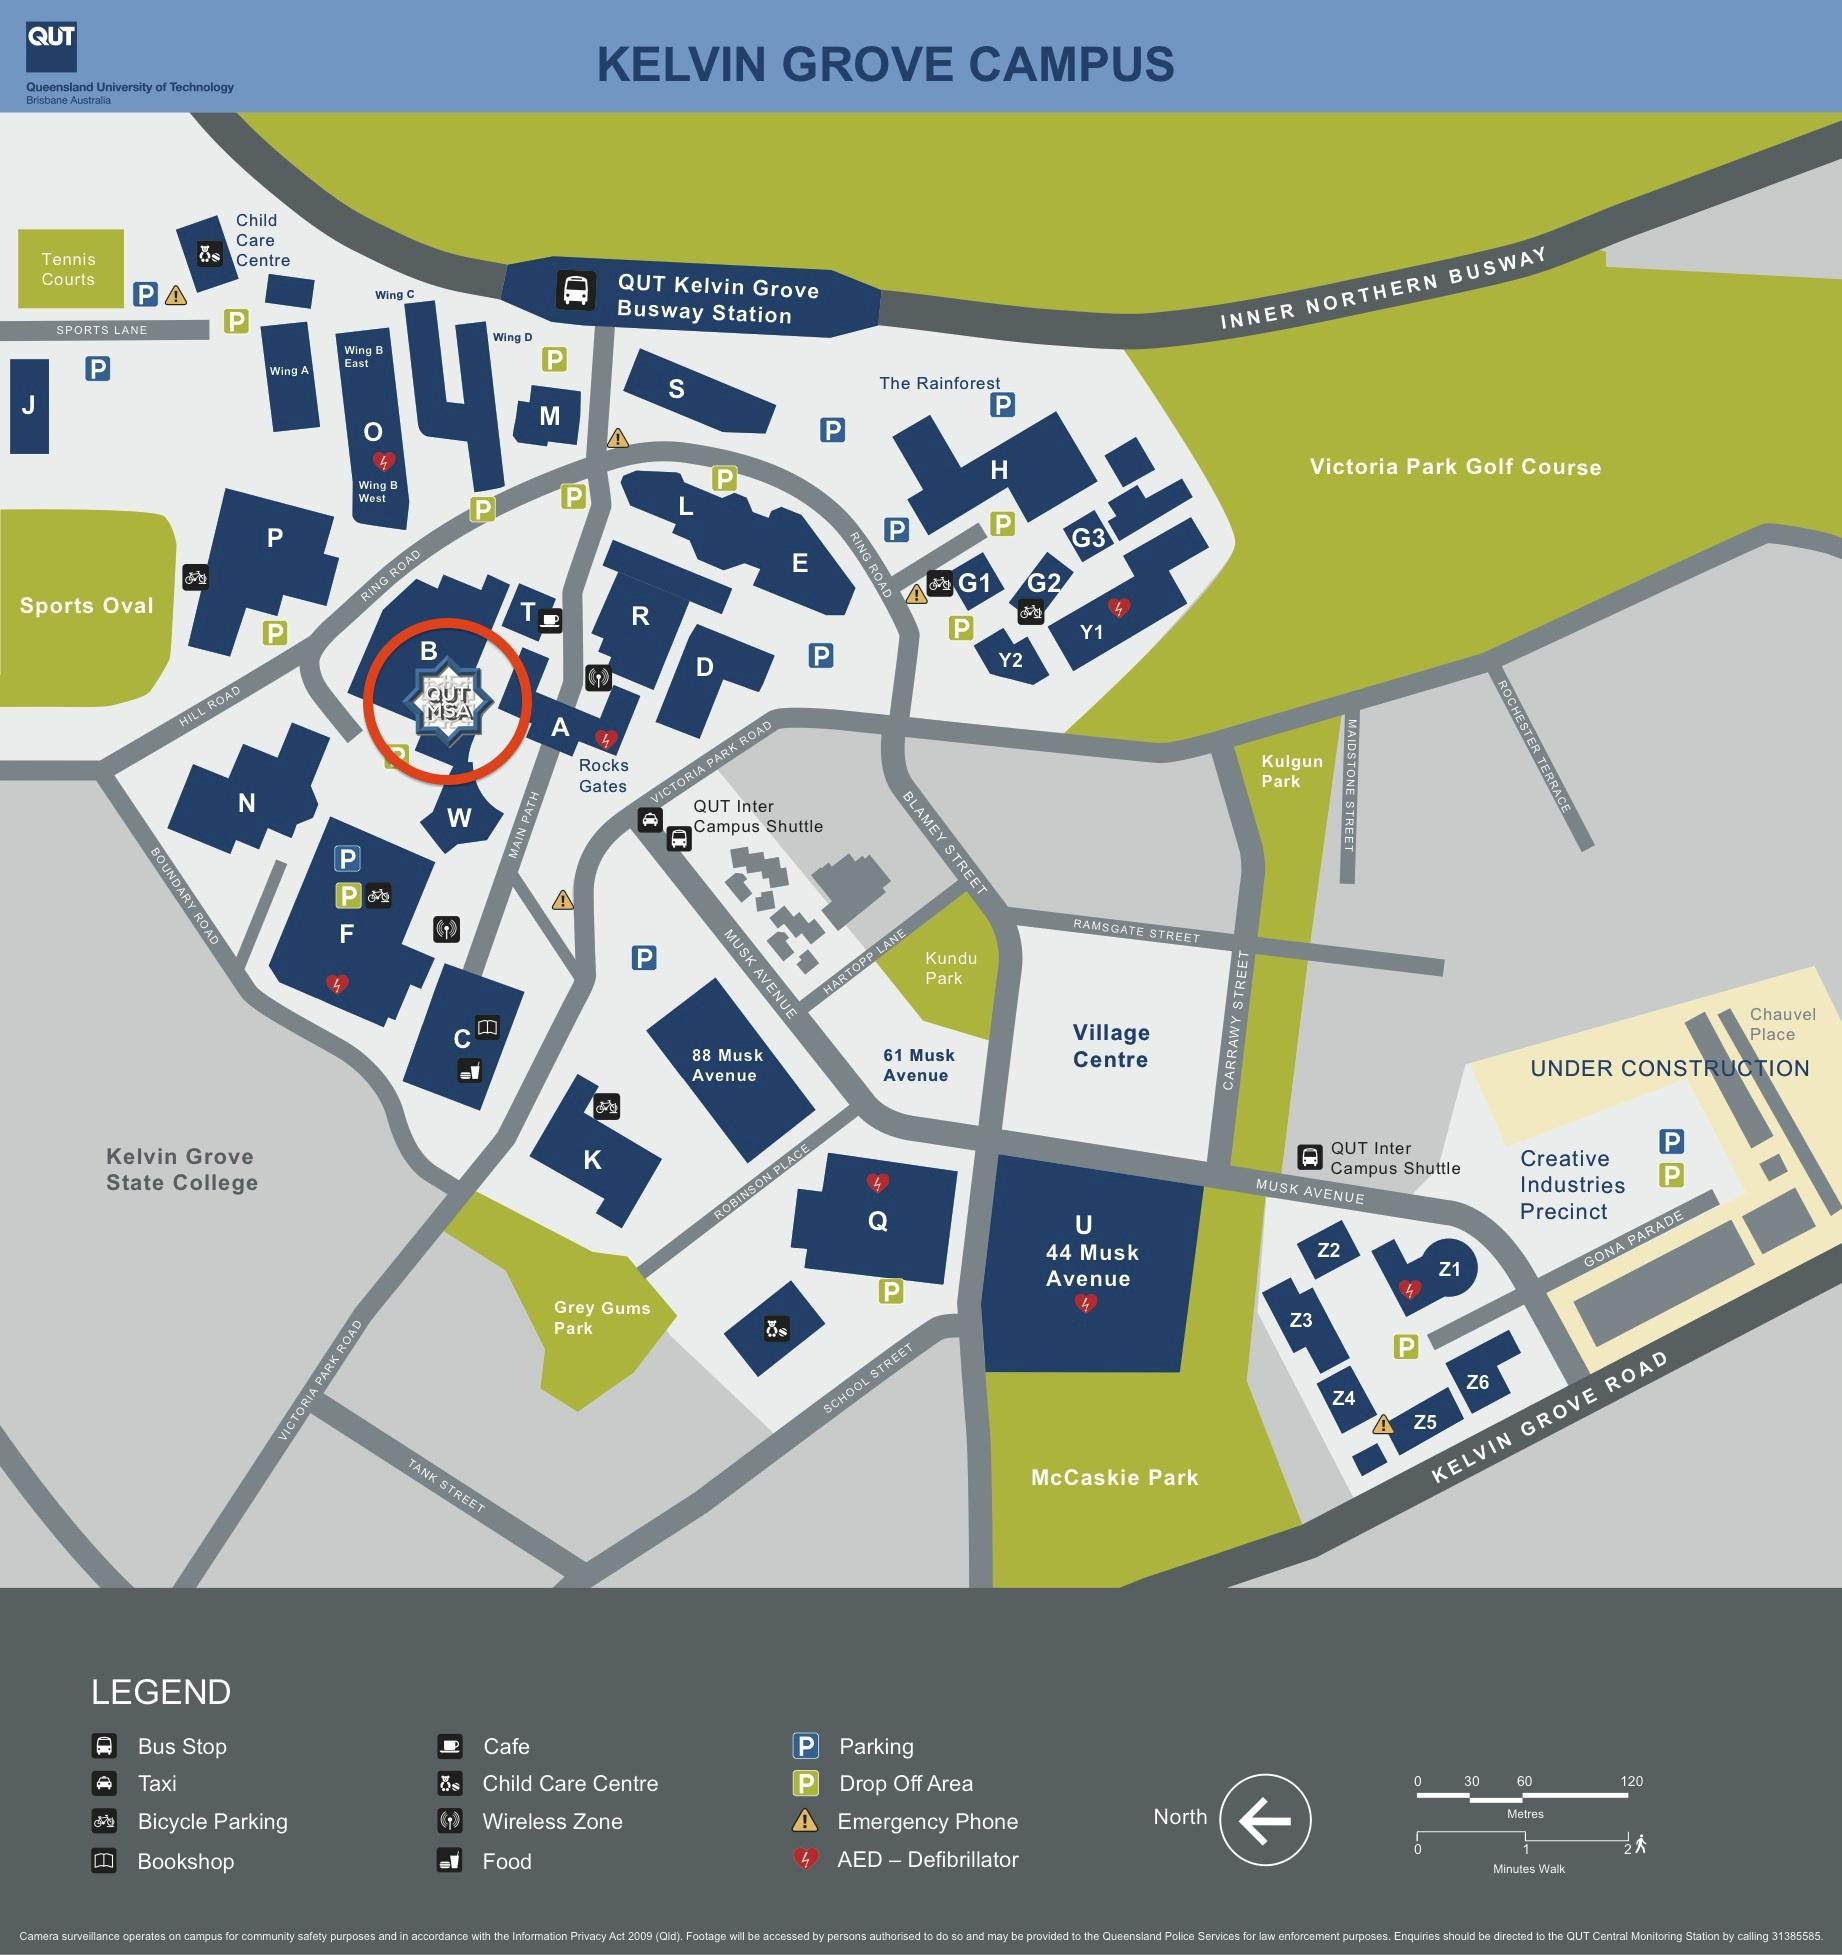 Qut Kg Map Qut Kg Map | compressportnederland Qut Kg Map